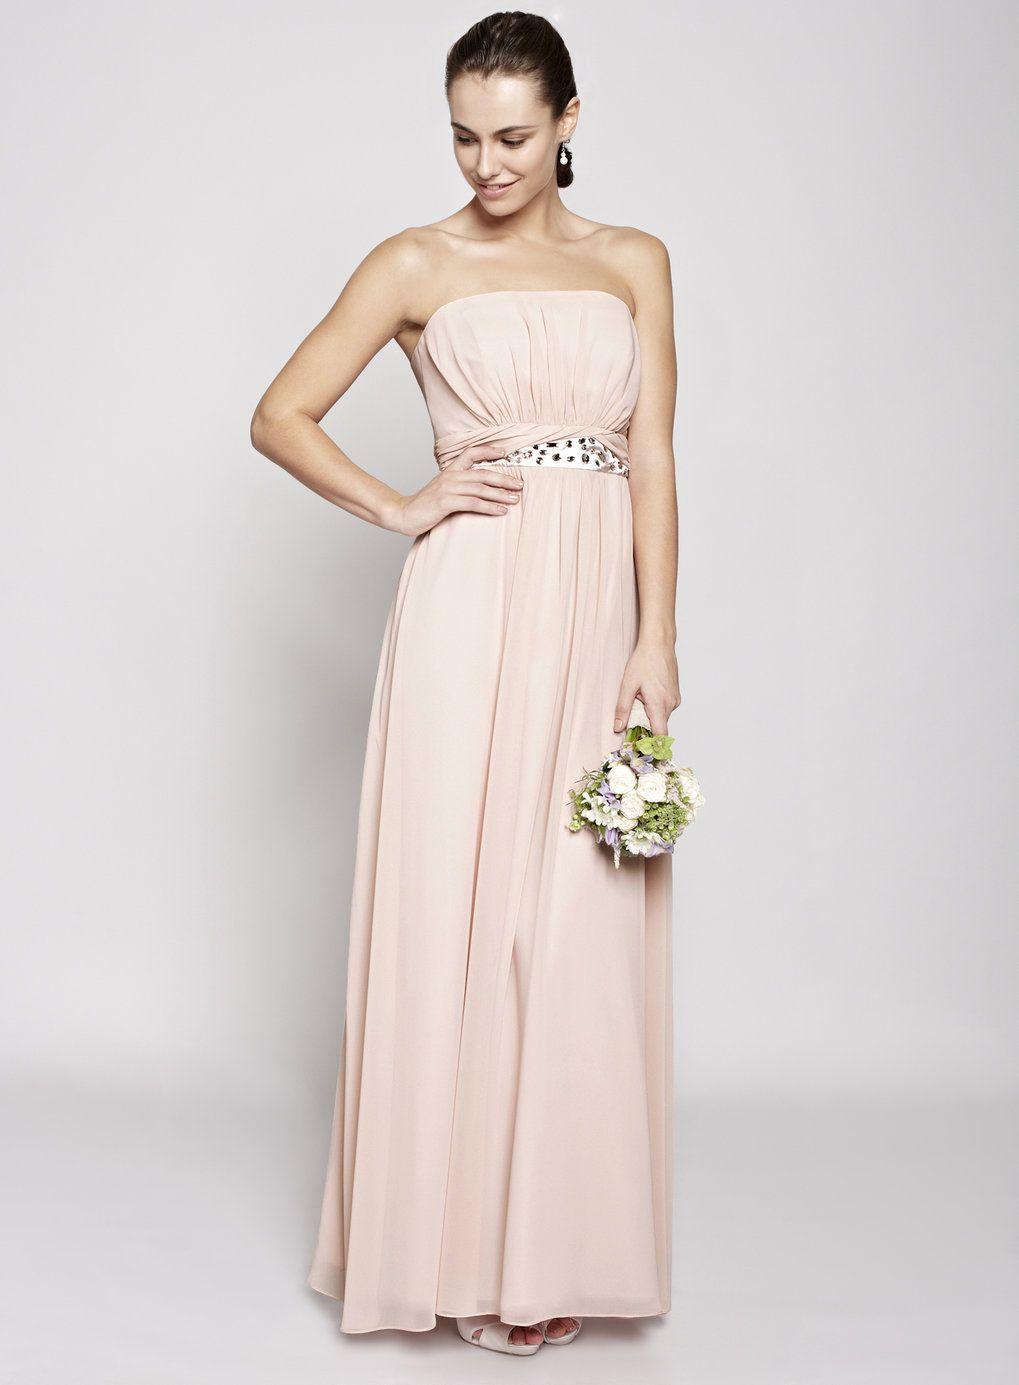 Blush daisy long bridesmaid dresses bridesmaid dresses blush daisy long bridesmaid dresses ombrellifo Choice Image